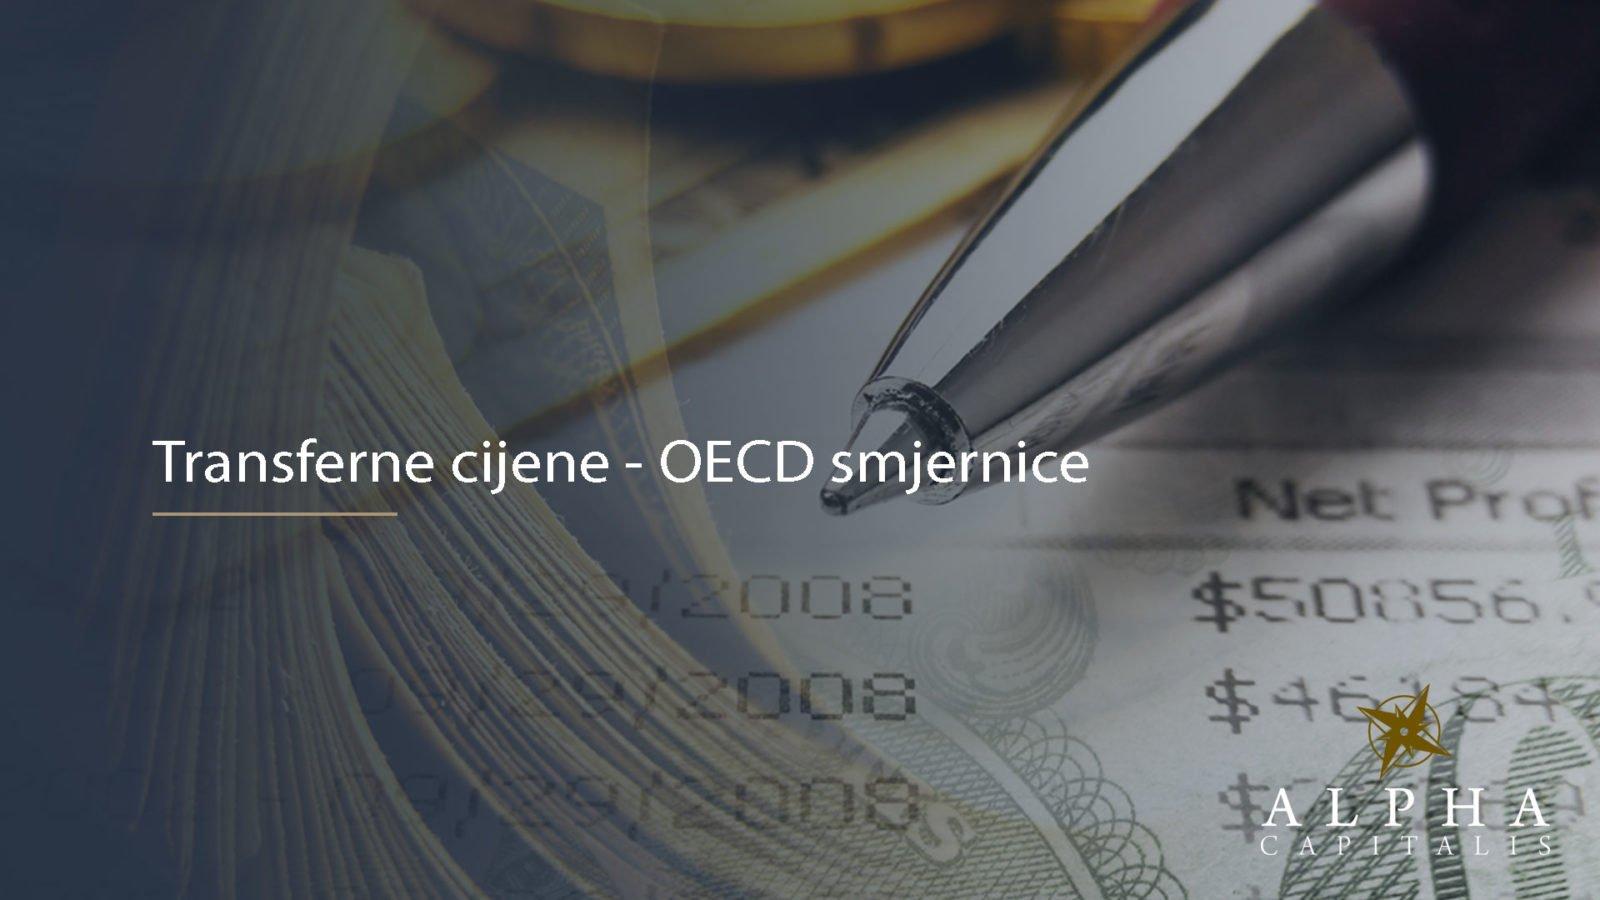 Transferne cijene 2019 05 02 - Transferne cijene - OECD smjernice